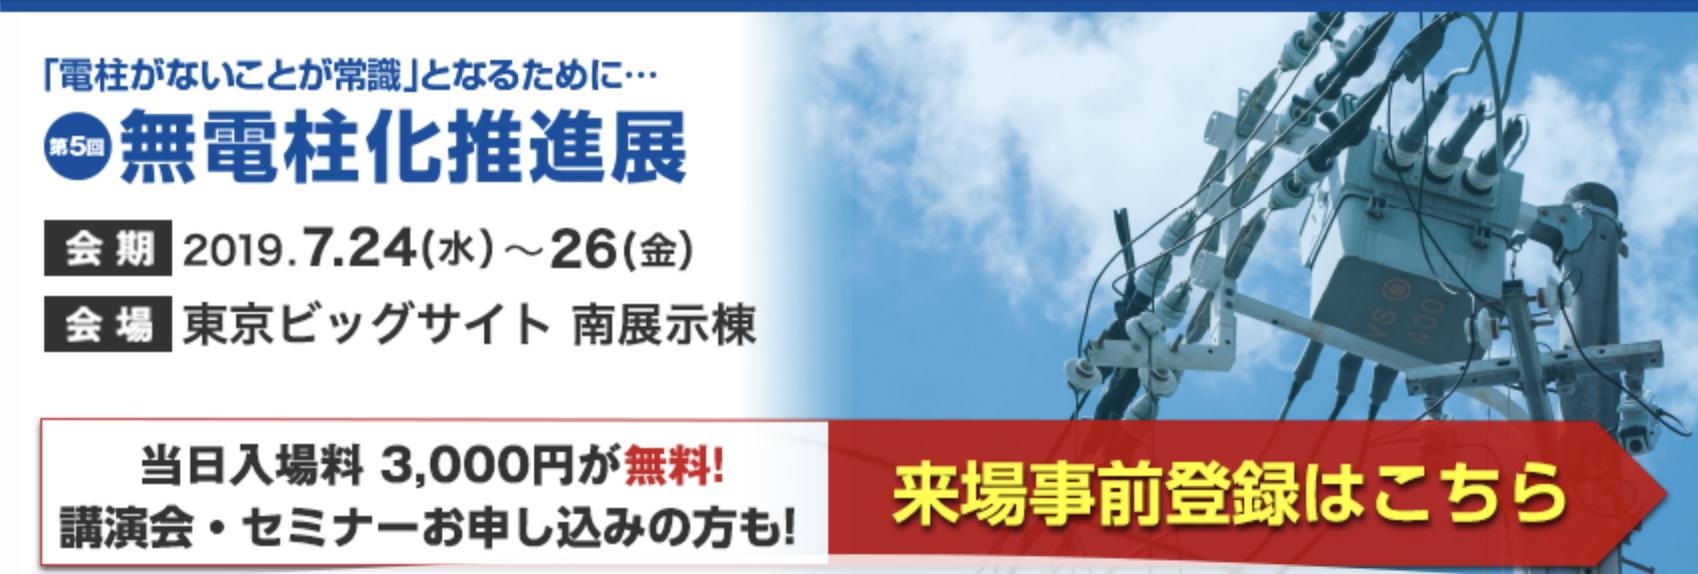 『第5回 無電柱化推進展』2019年7月24日(水)〜26日(金)東京ビッグサイト南展示棟で開催の画像